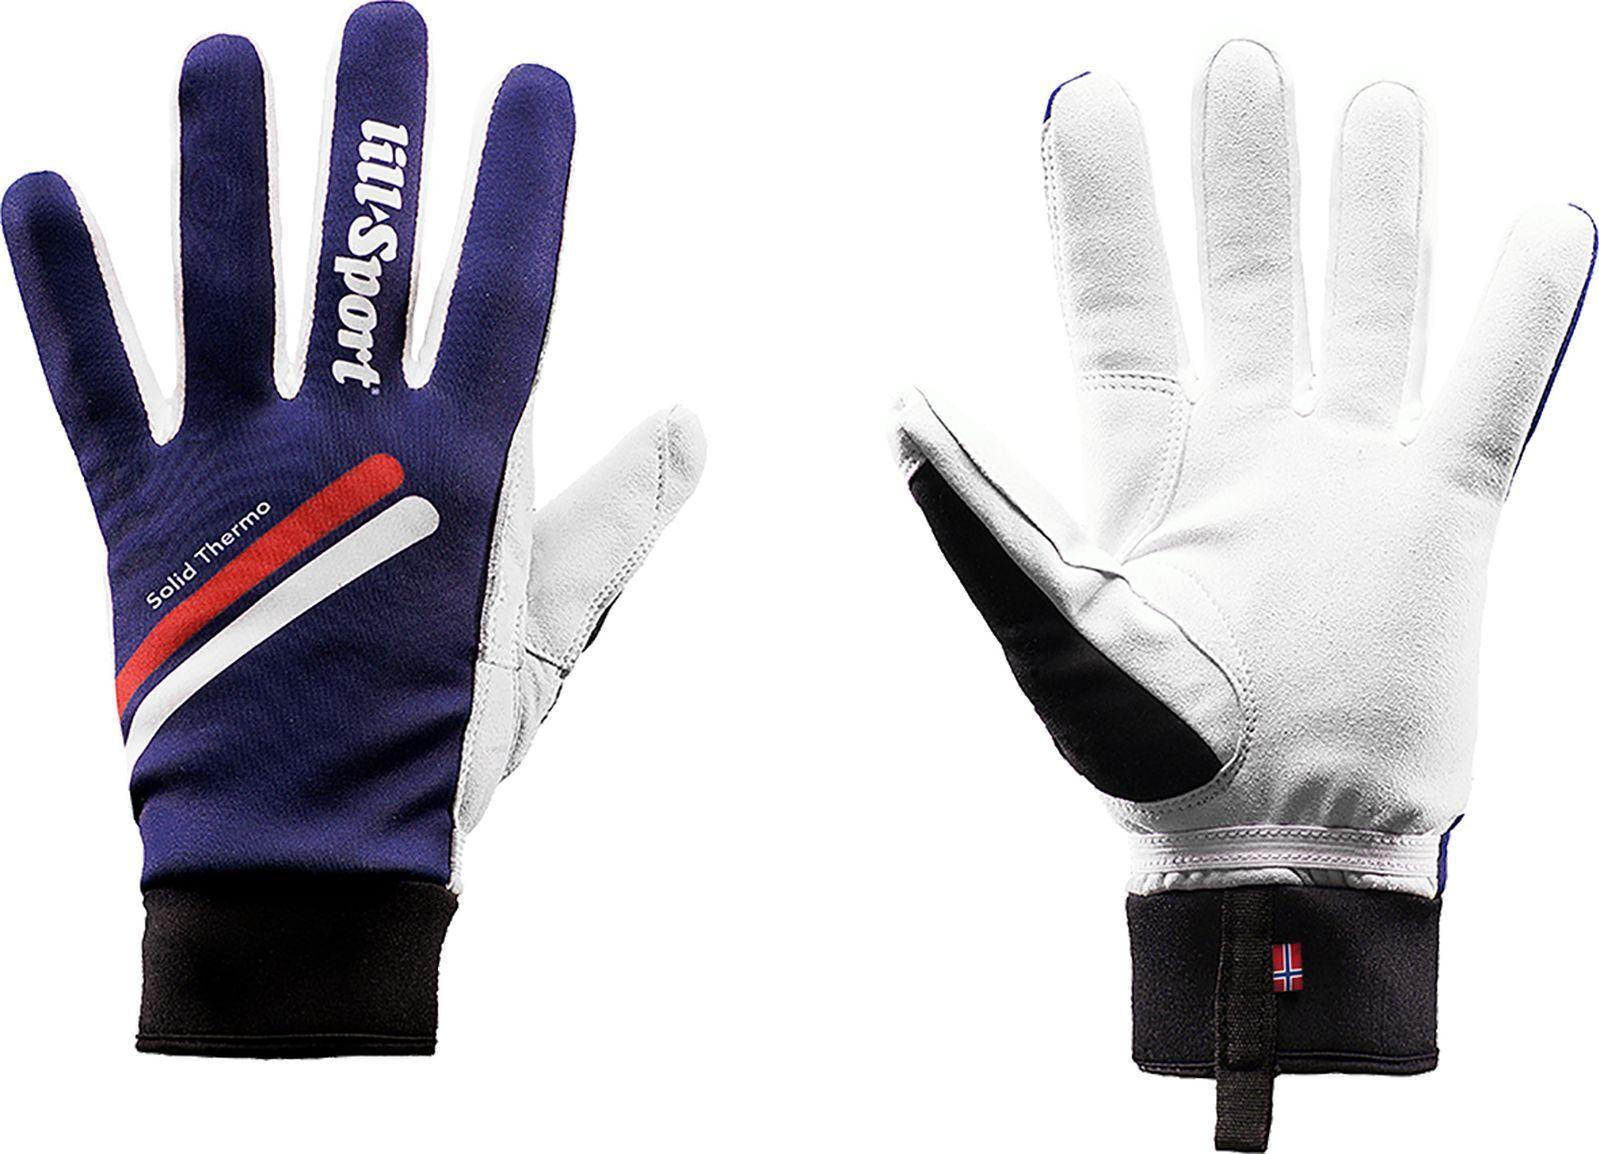 Перчатки лыжные Lillsport Solid Thermo, 0683/01, темно-синий, размер 5